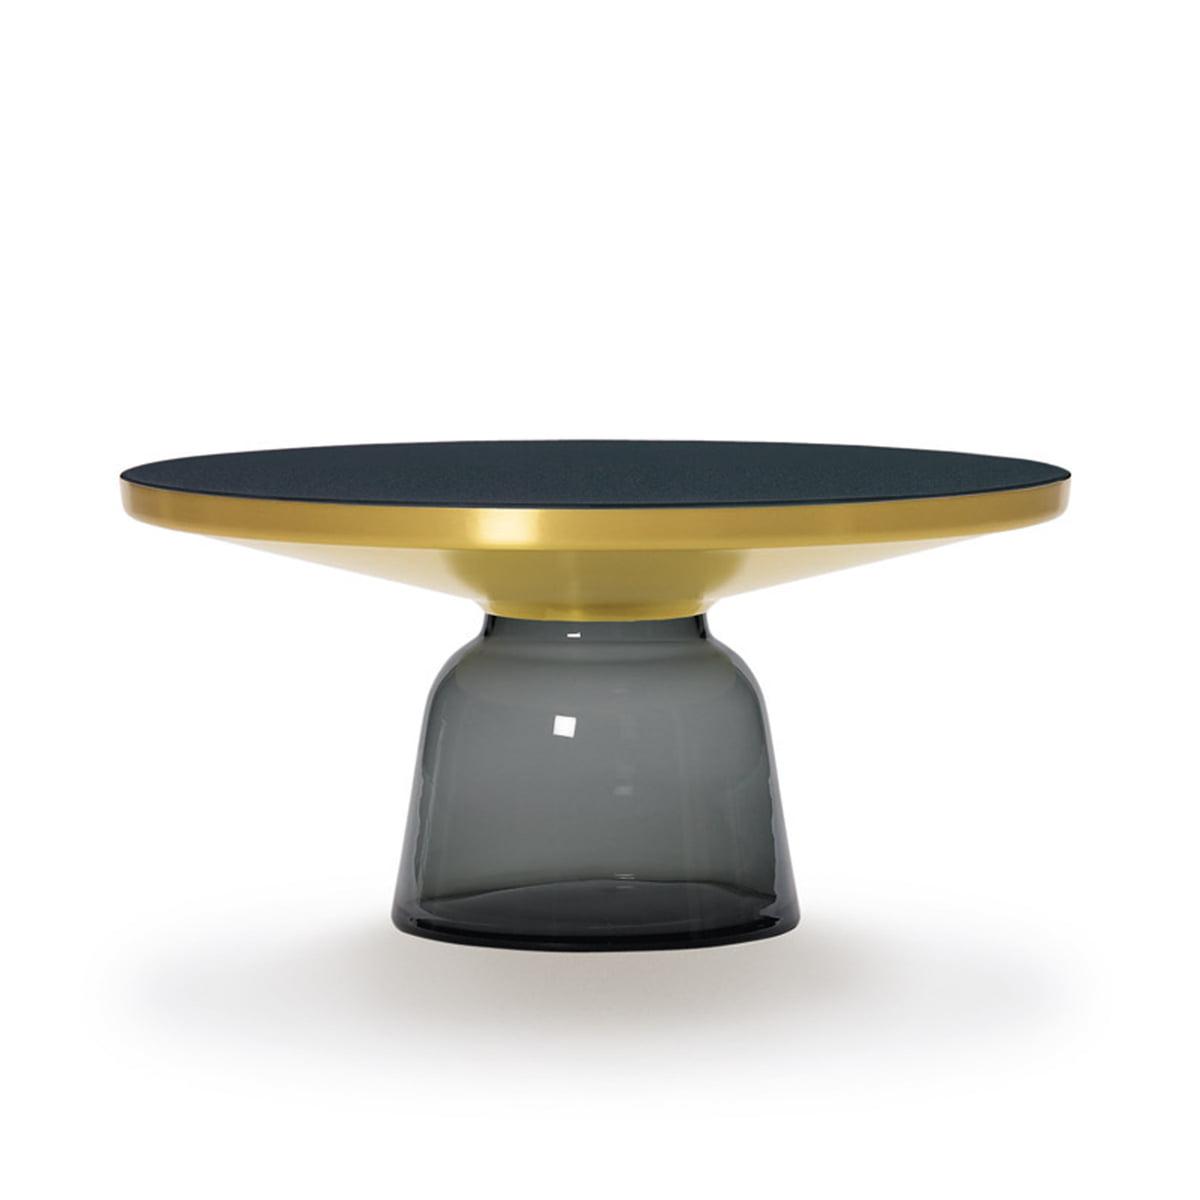 classicon bell couchtisch messing quarz grau grau h 36 online kaufen bei woonio. Black Bedroom Furniture Sets. Home Design Ideas